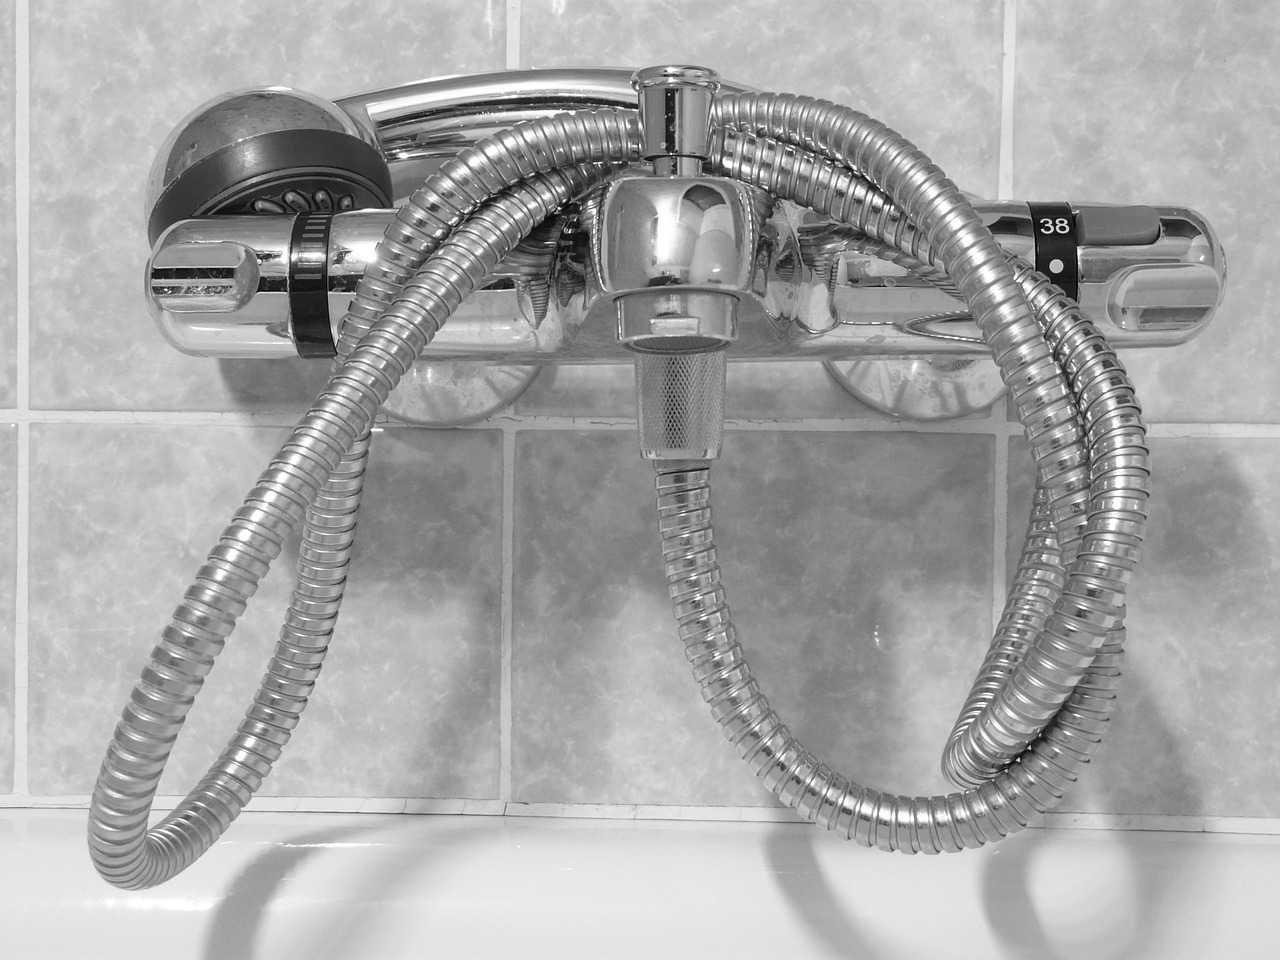 كيفية إصلاح تسريب مياه من خلاط الدش في الحمام بطريقة مضمونة كماشة